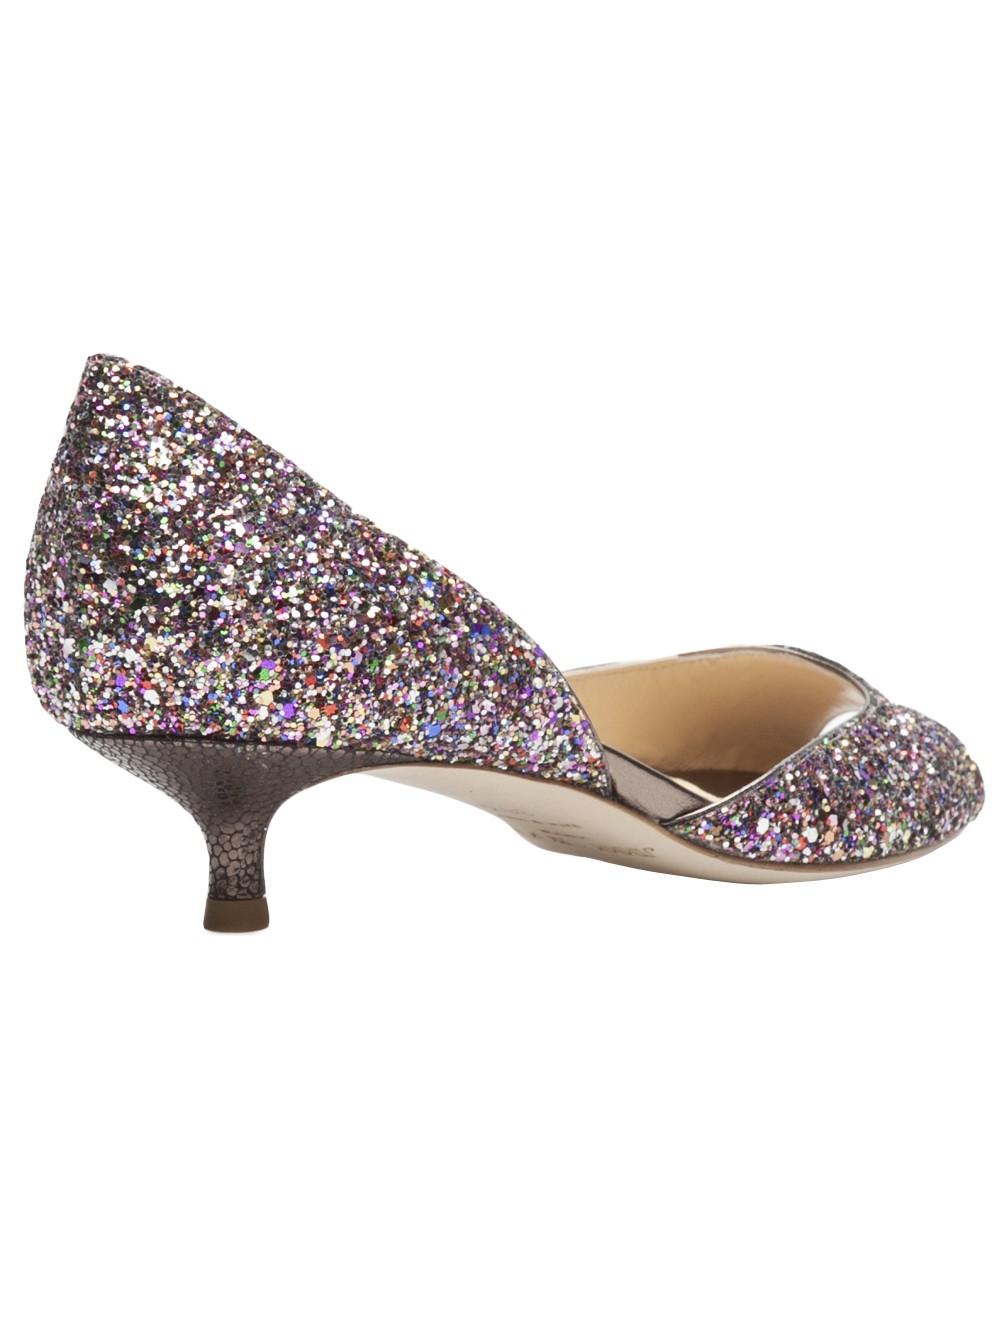 b7e4498bb41 Sparkle Kitten Heels - Red Heels Vip